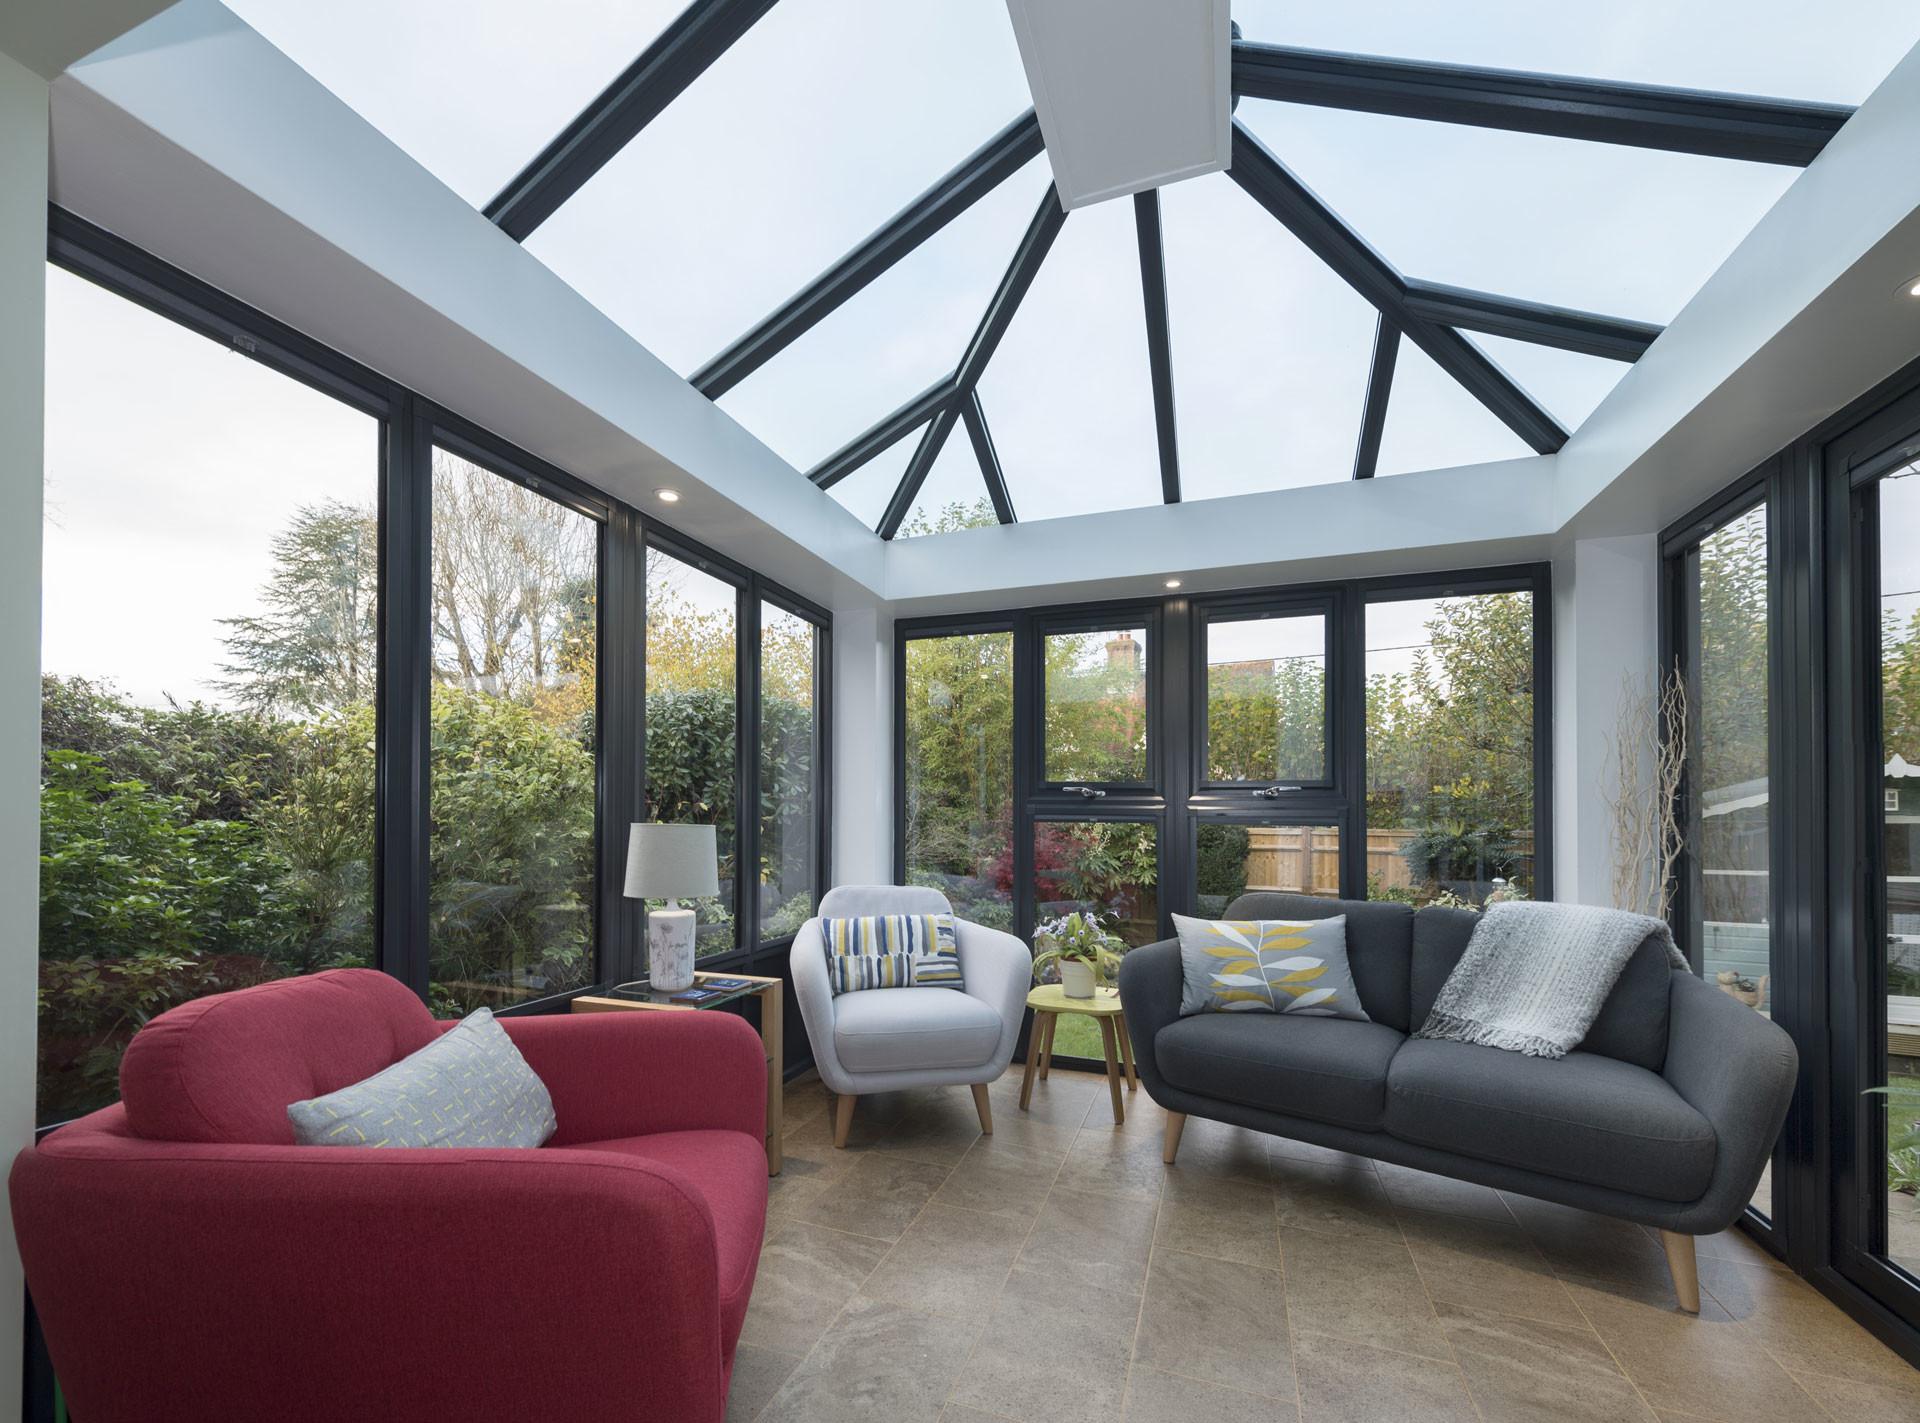 Orangery Roofs Stoke-On-Trent